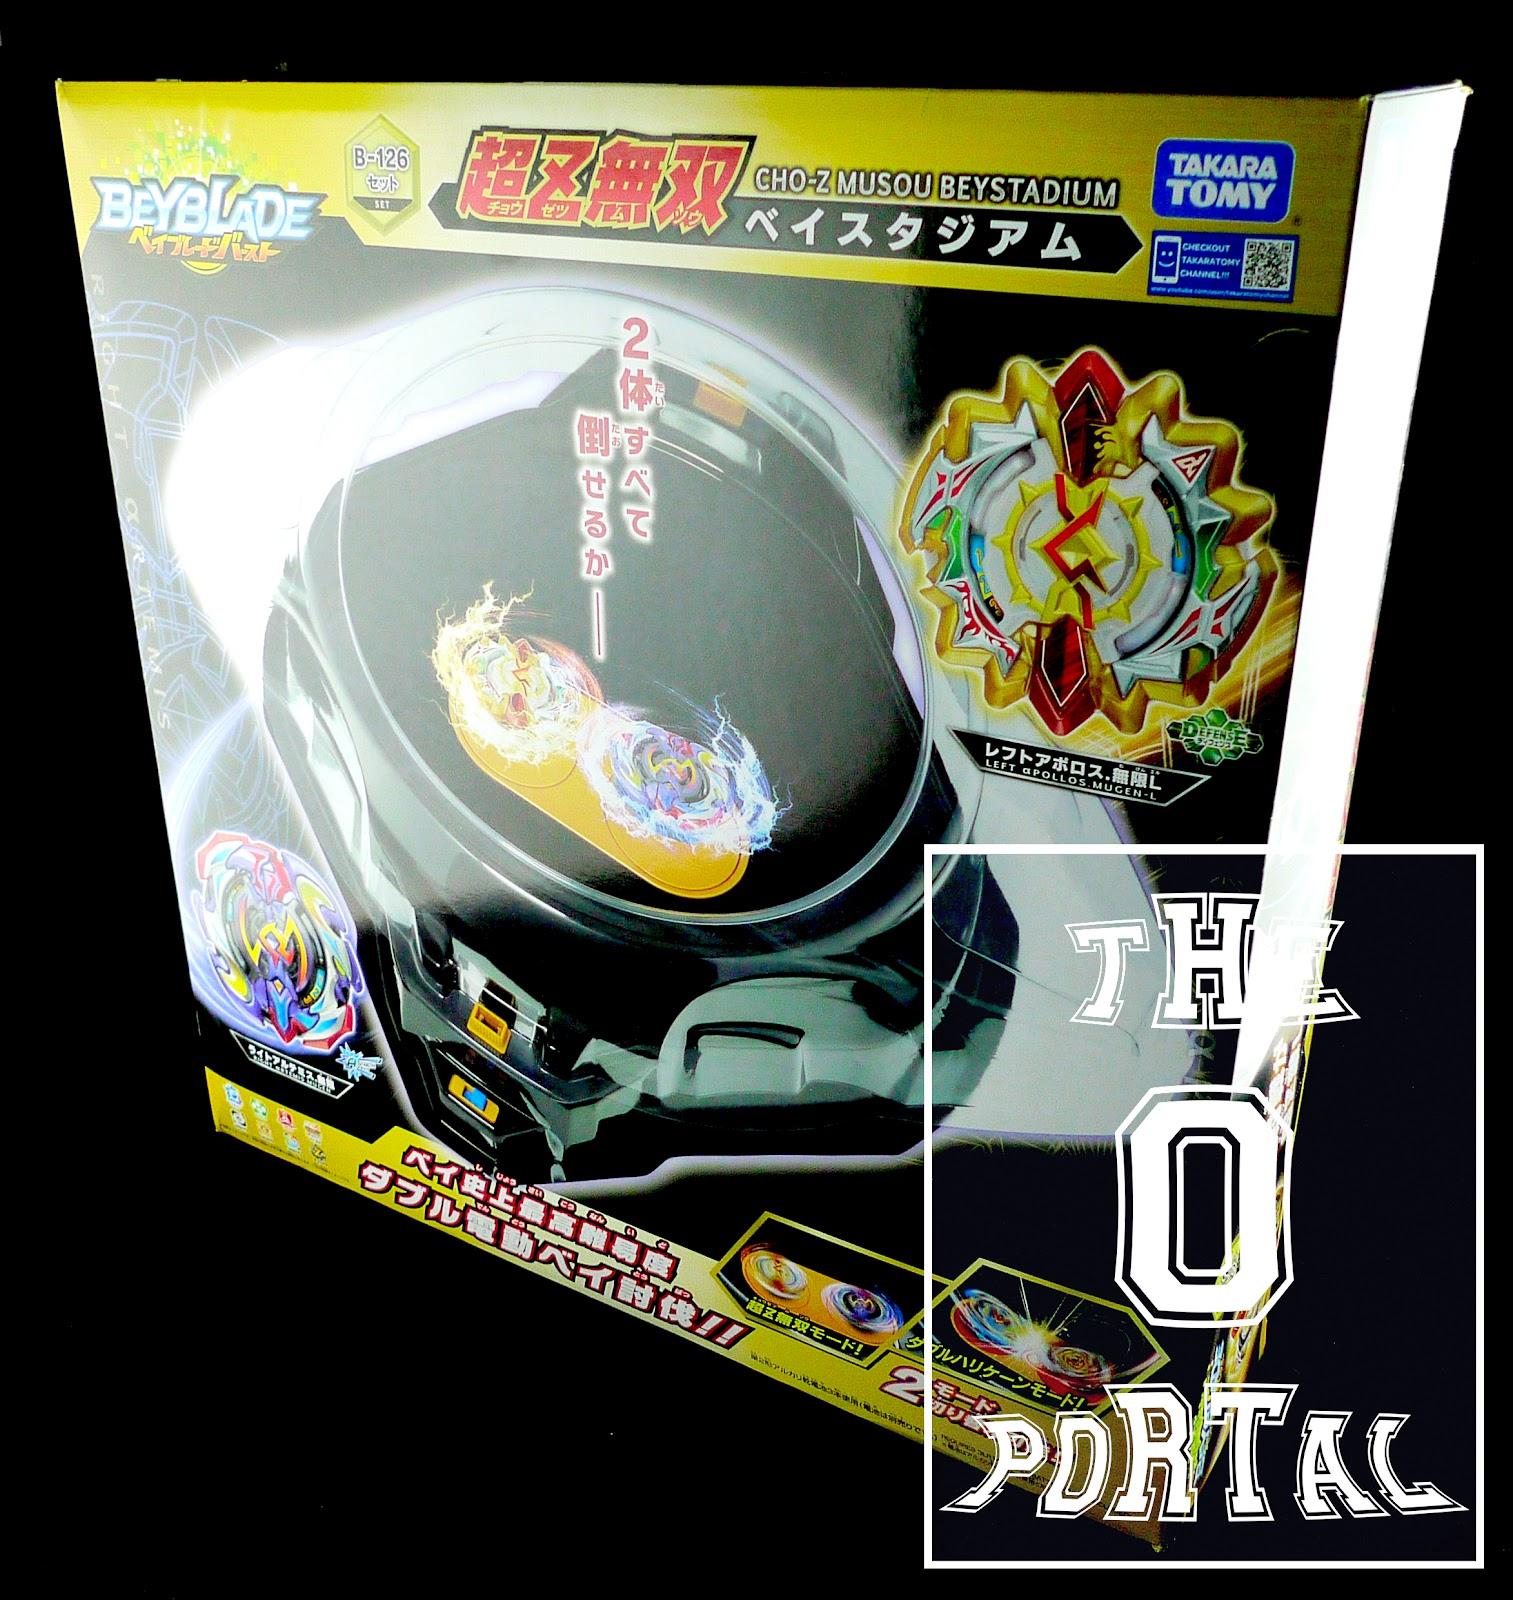 Takara Tomy Beyblade Burst B-126 Cho-Z Musou Bay Stadium 4904810619413